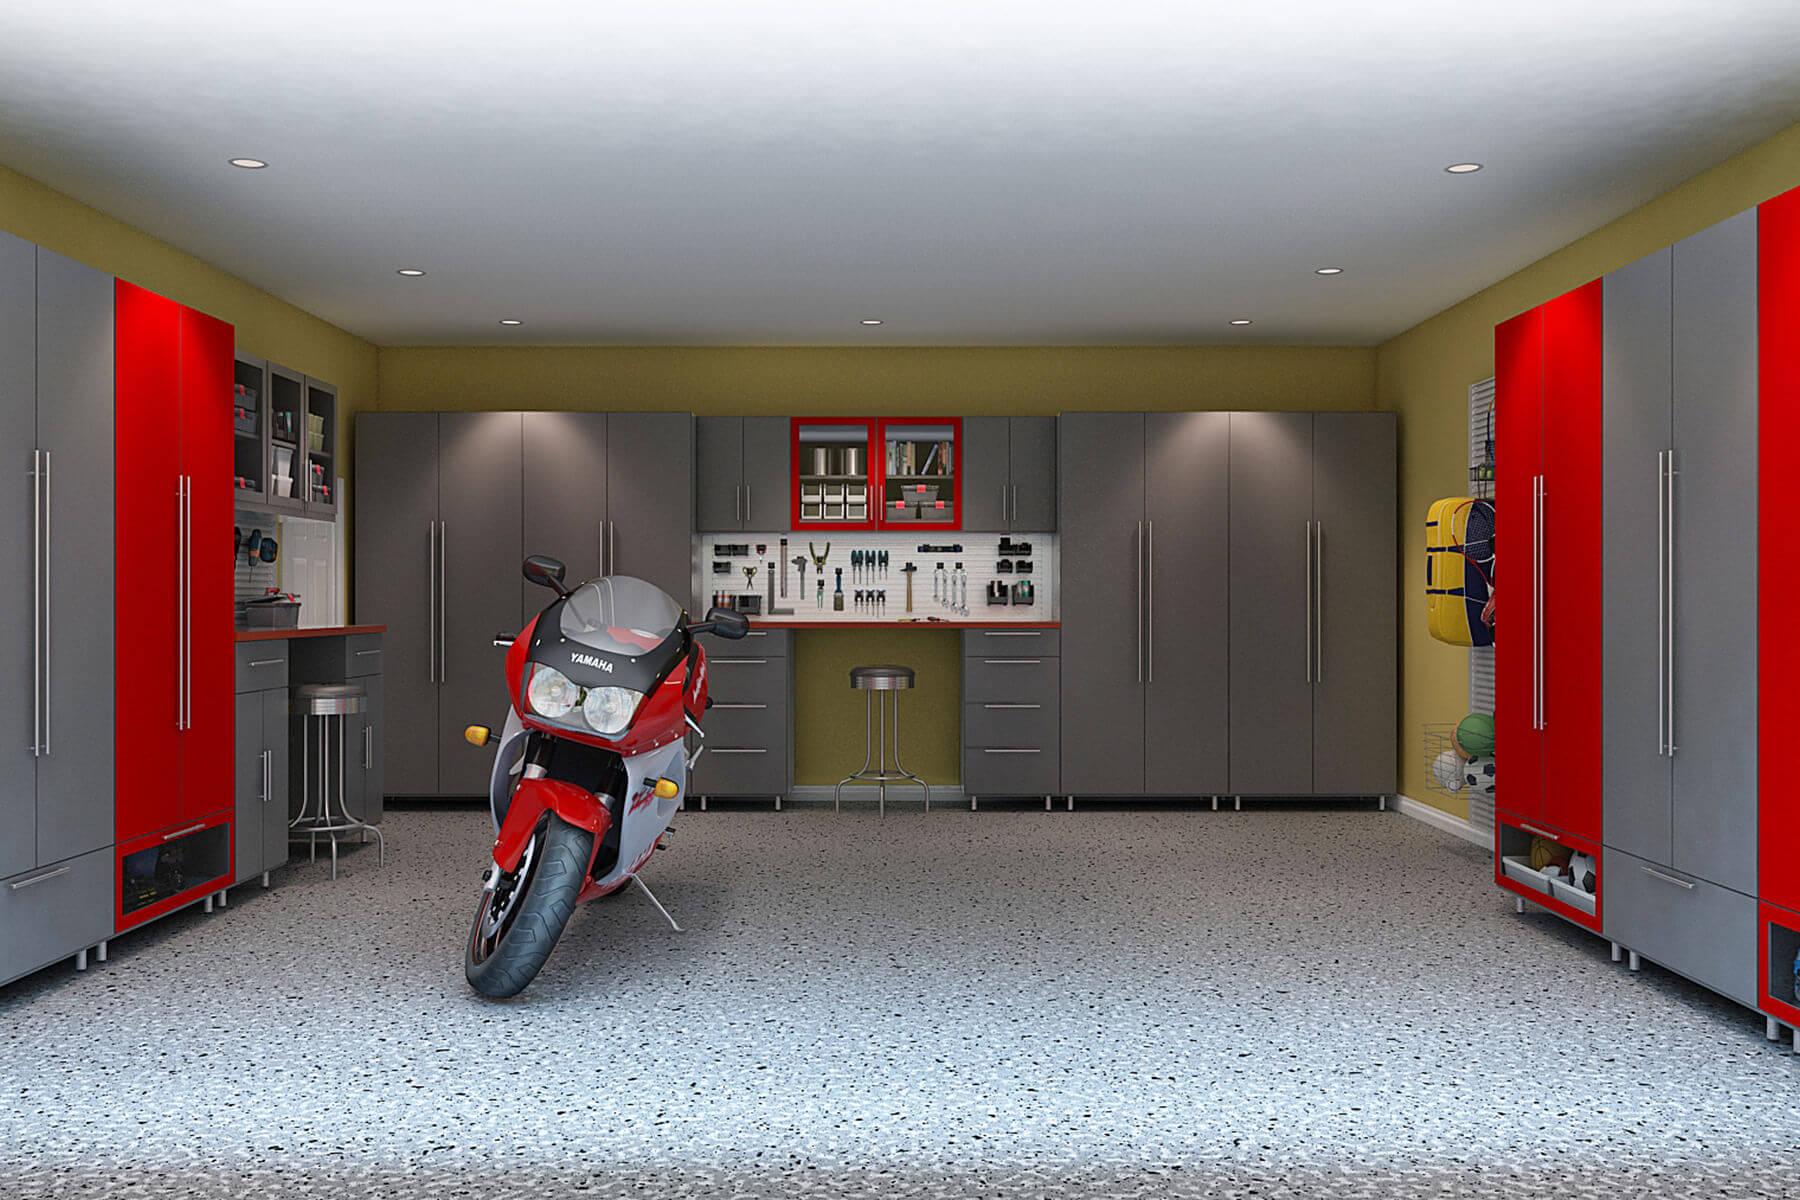 29 Garage Storage Ideas (Plus 3 Garage Man Caves) on Garage Colors Ideas  id=61740